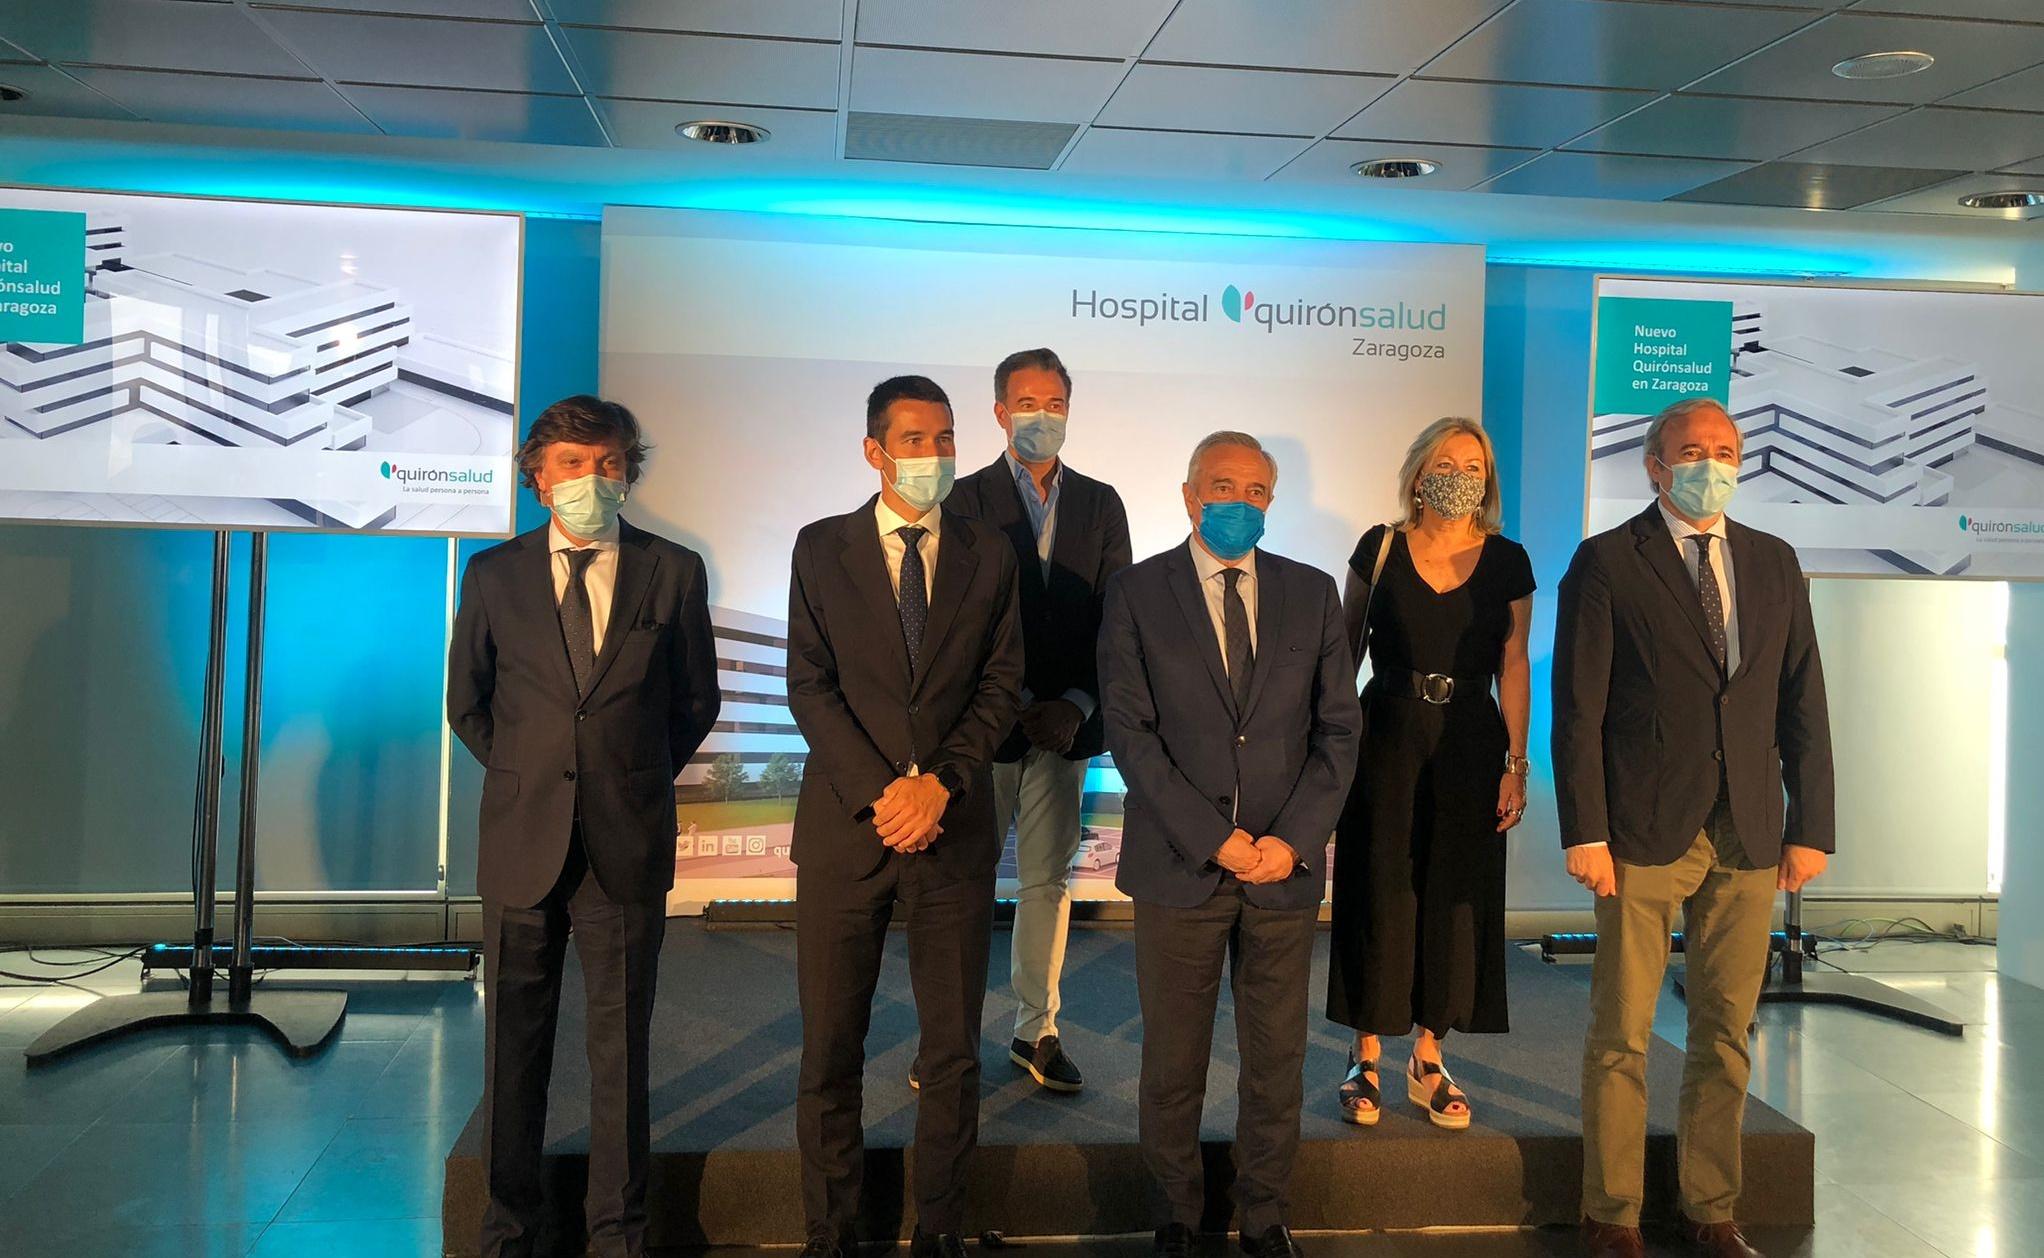 Quirónsalud presenta su nuevo hospital: un centro de vanguardia, digitalizado y sostenible con el medioambiente